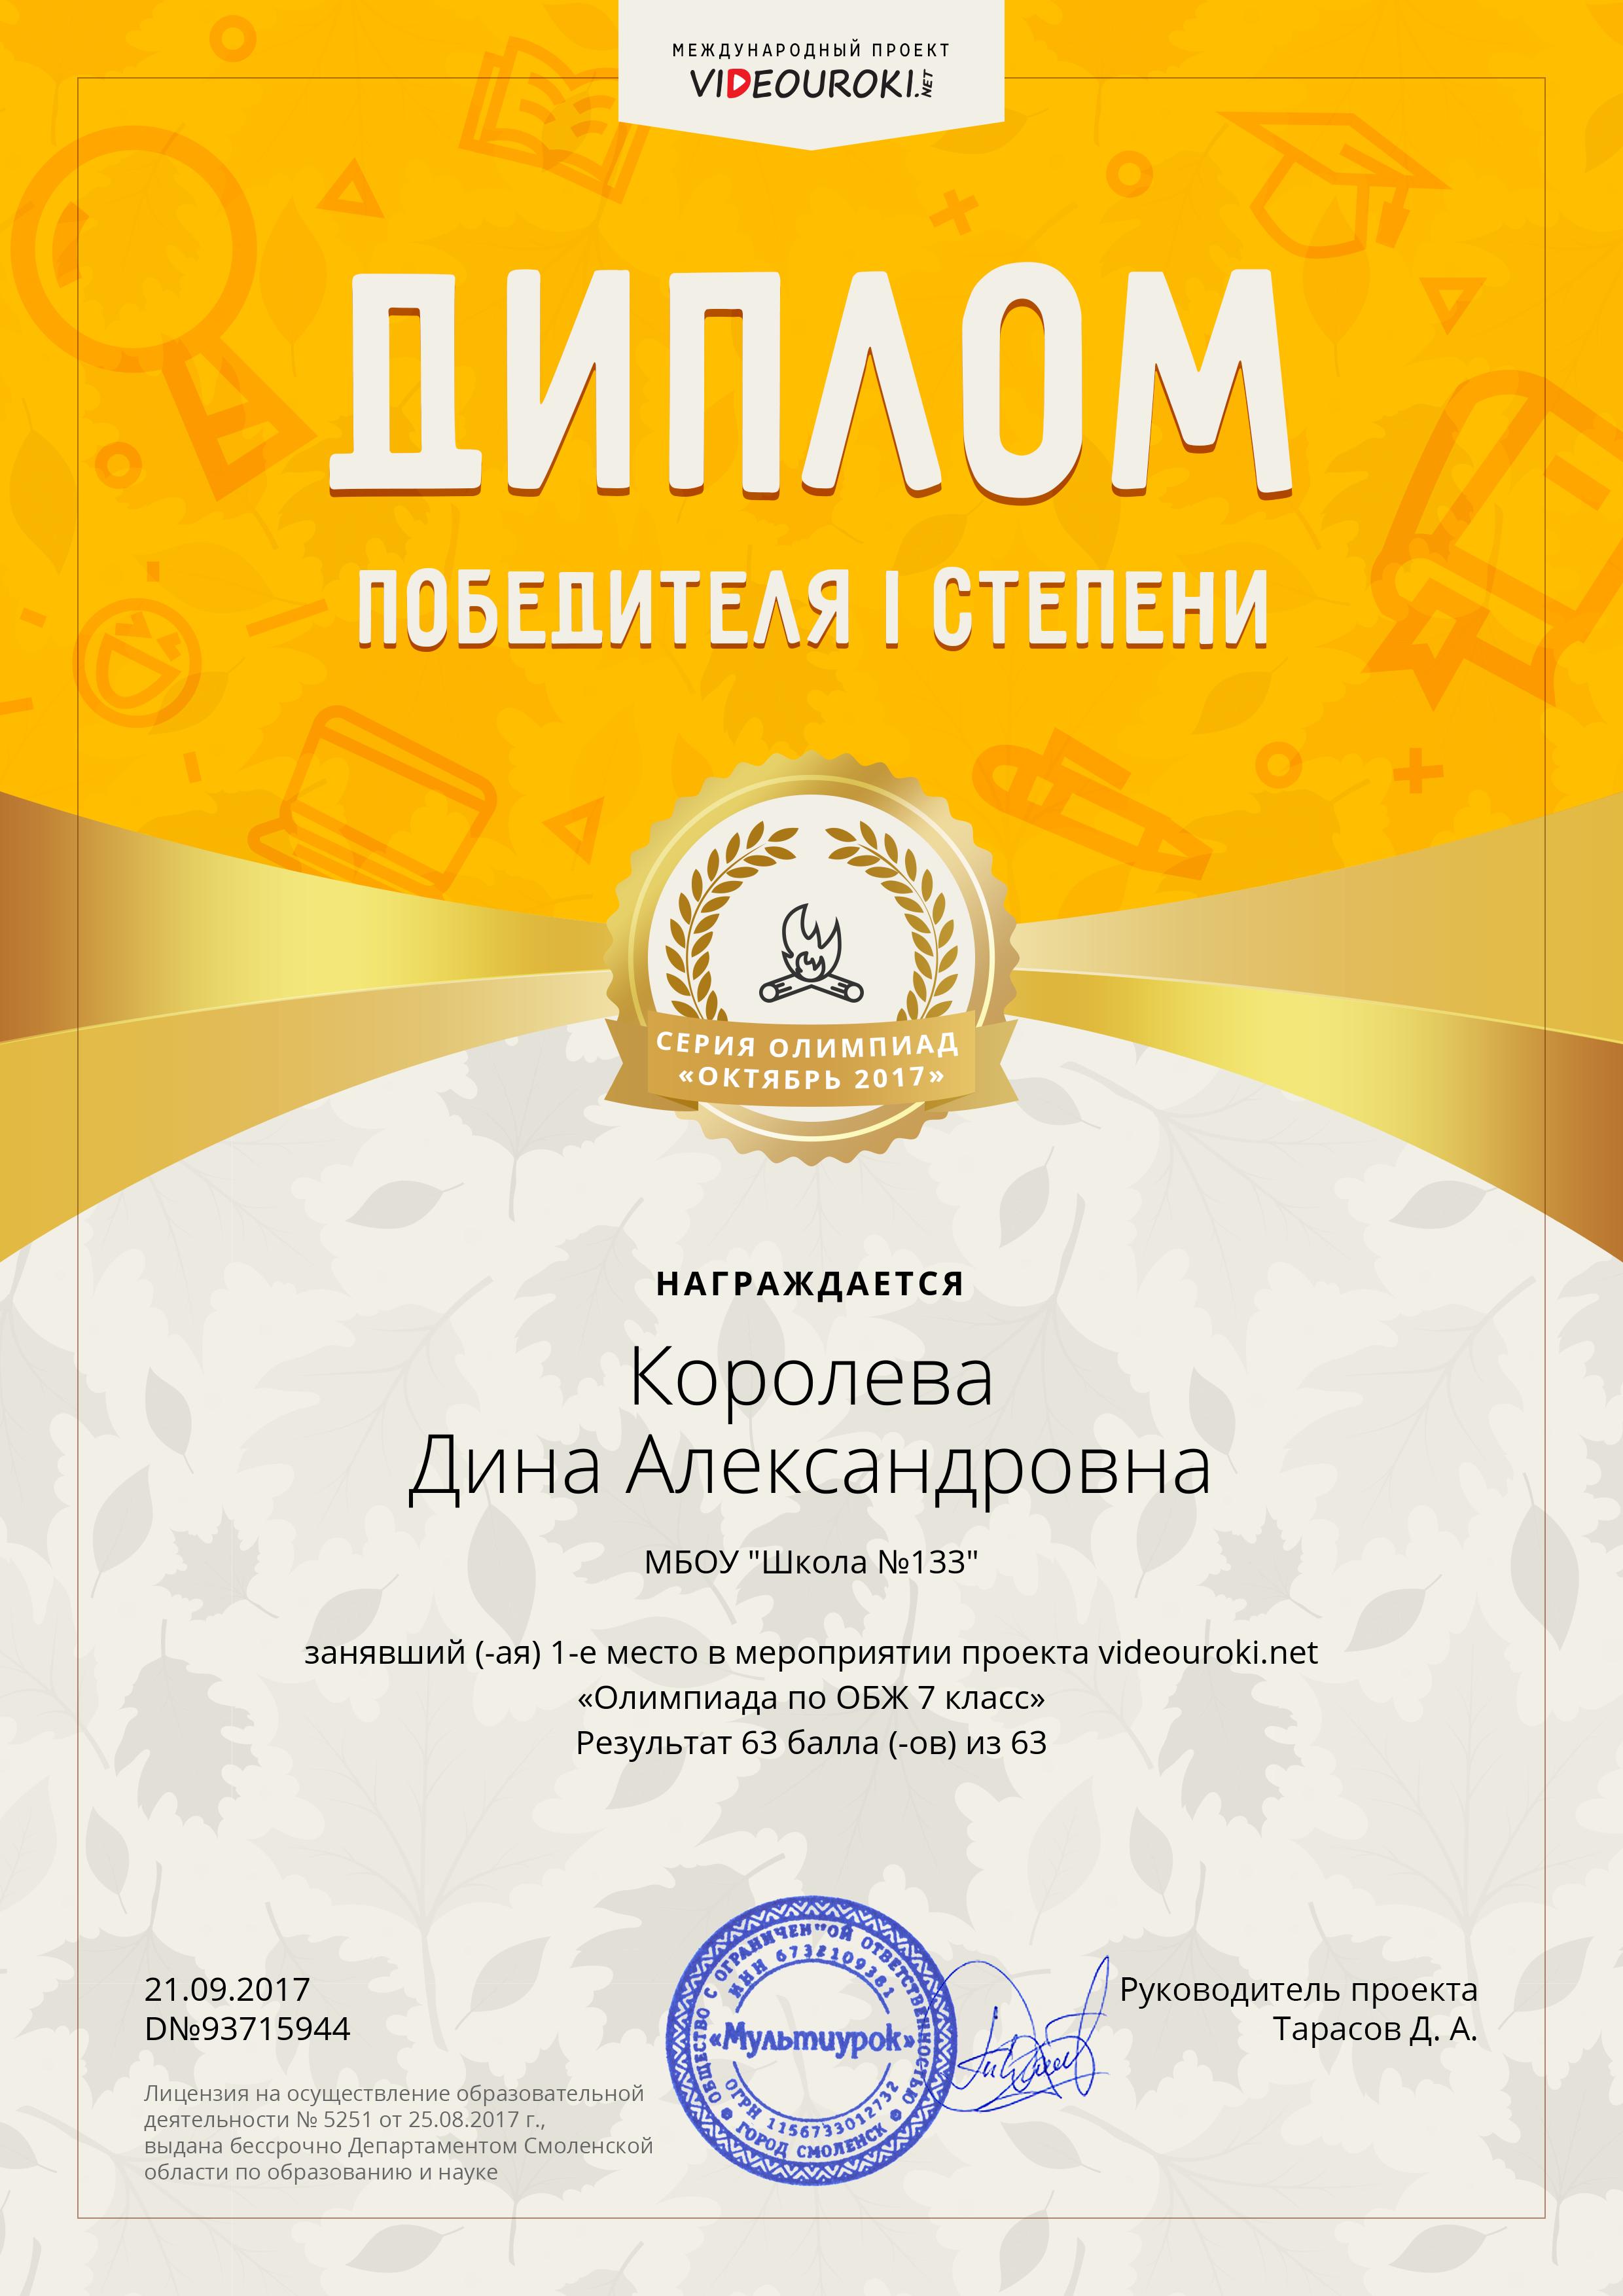 10177959. 93715944-Королева Дина Александровна.png